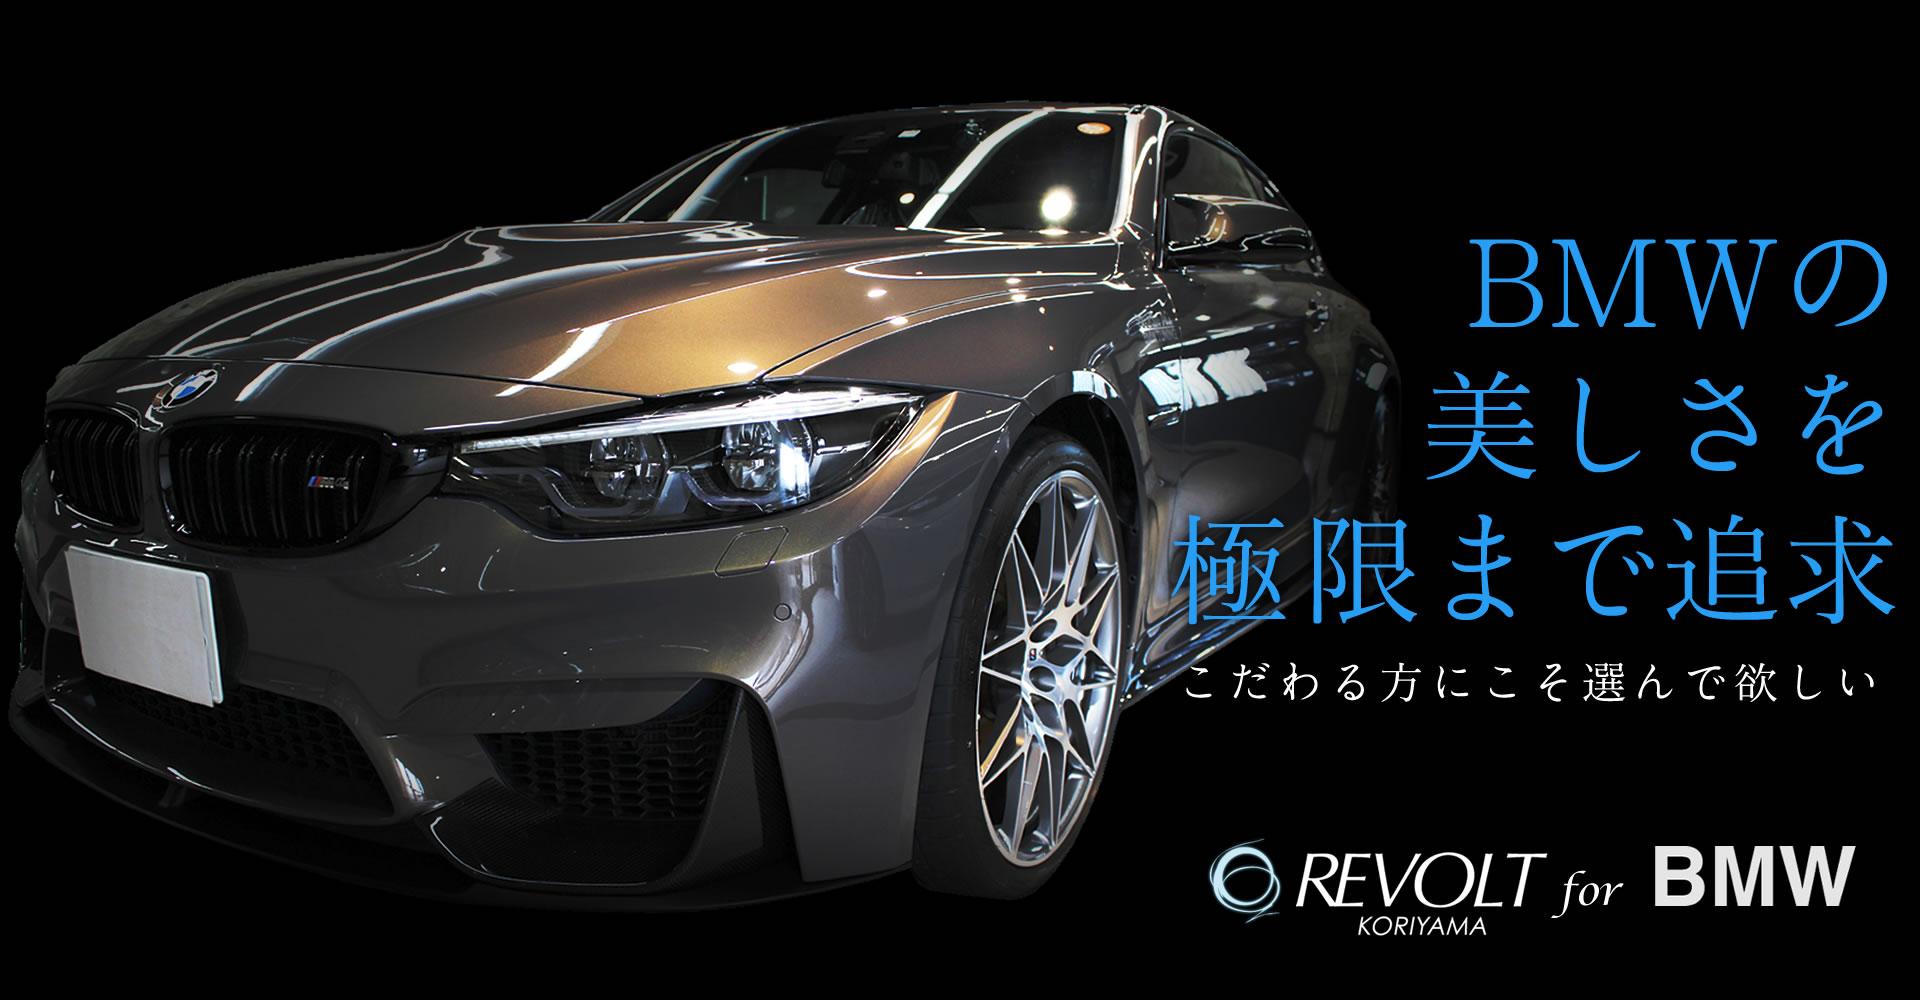 BMWオーナー様のためのカーコーティング